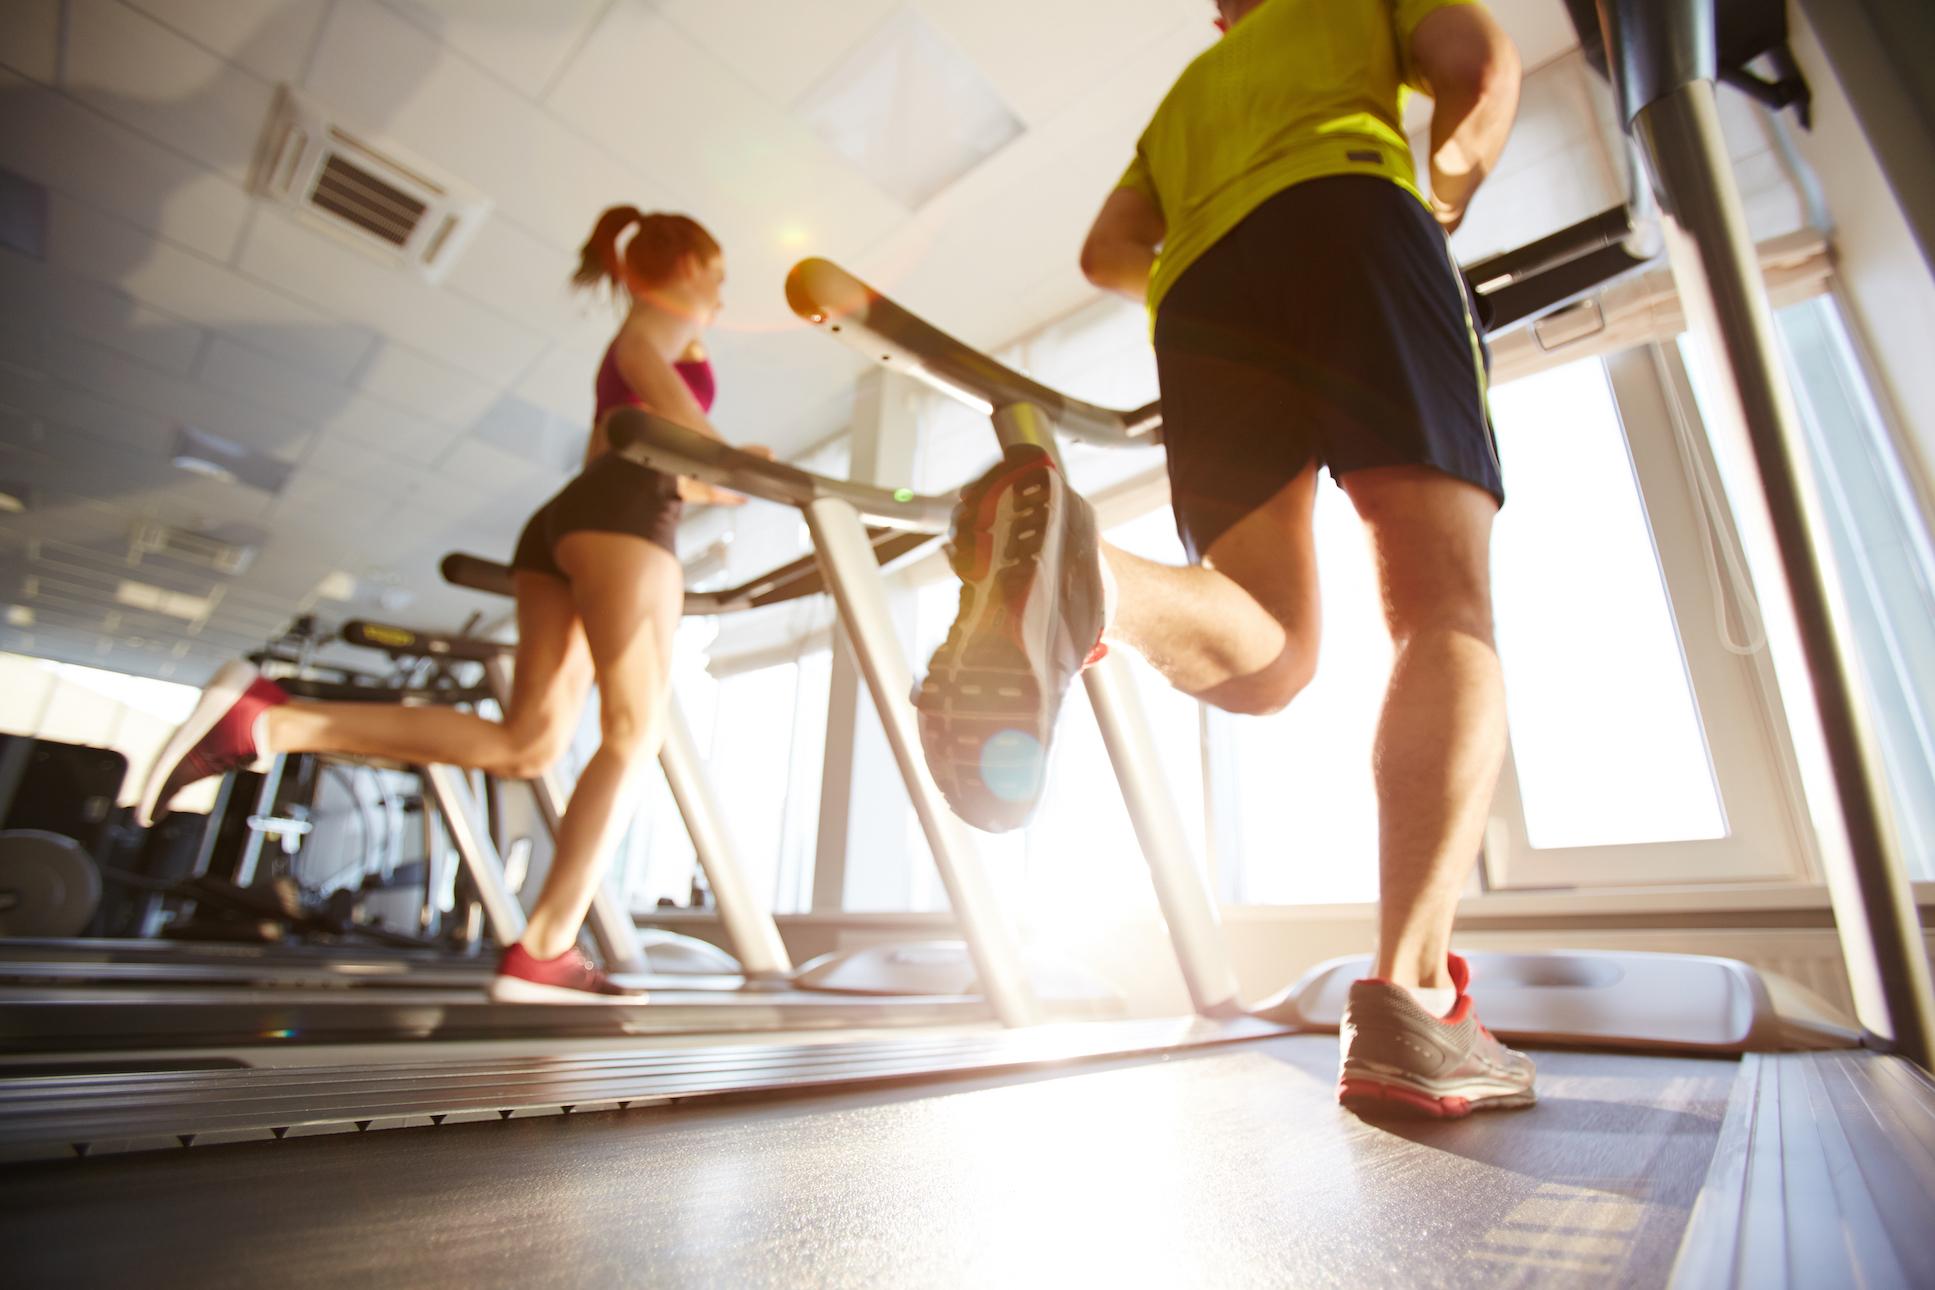 Как Часто Нужно Делать Кардио Для Похудения. Сколько нужно кардио, чтобы похудеть, не потеряв мышцы?